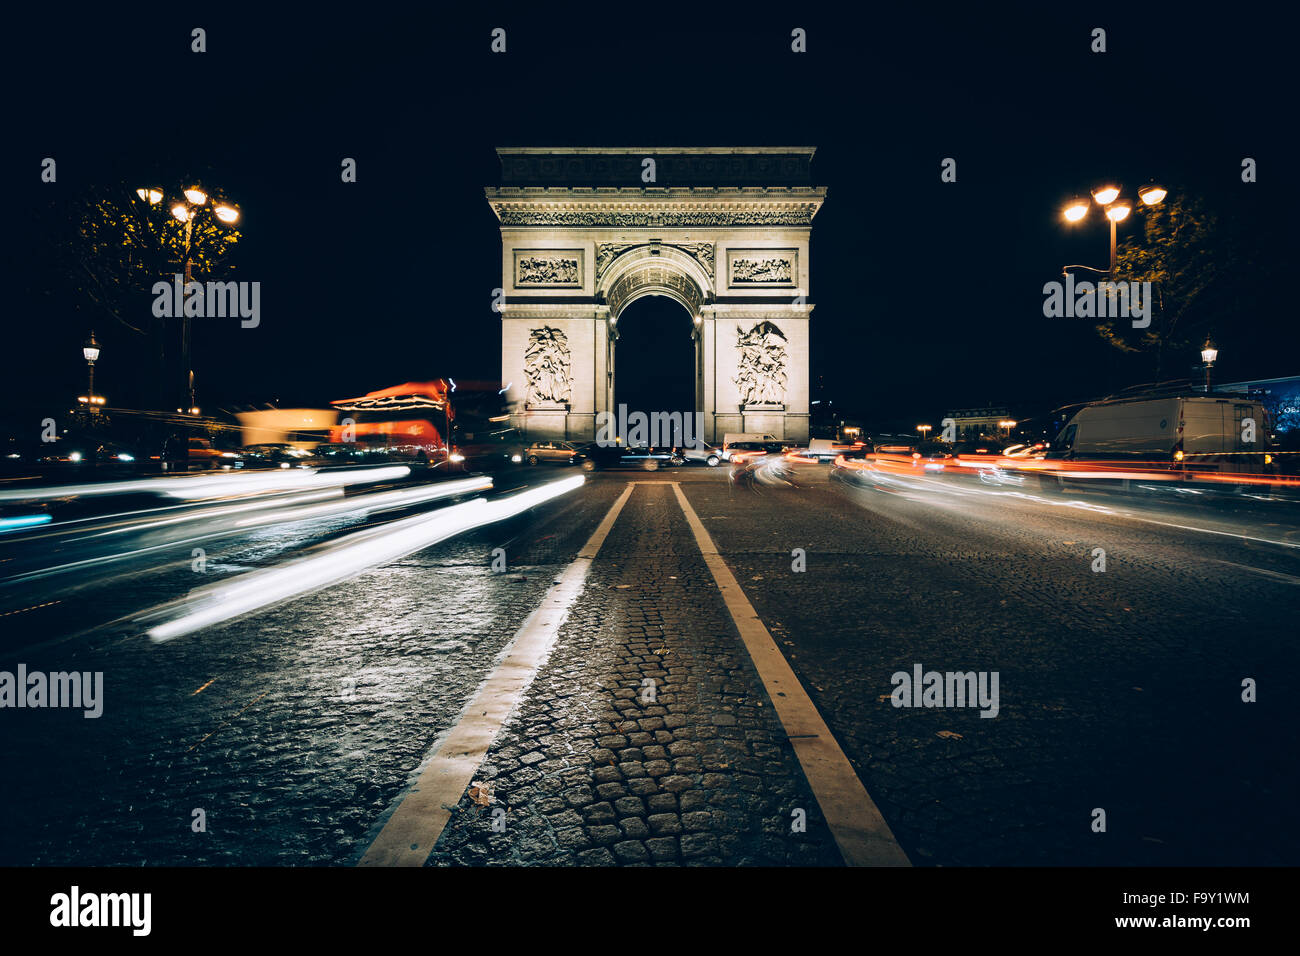 Le trafic sur l'Avenue des Champs-Élysées et l'Arc de Triomphe de nuit à Paris, France. Photo Stock